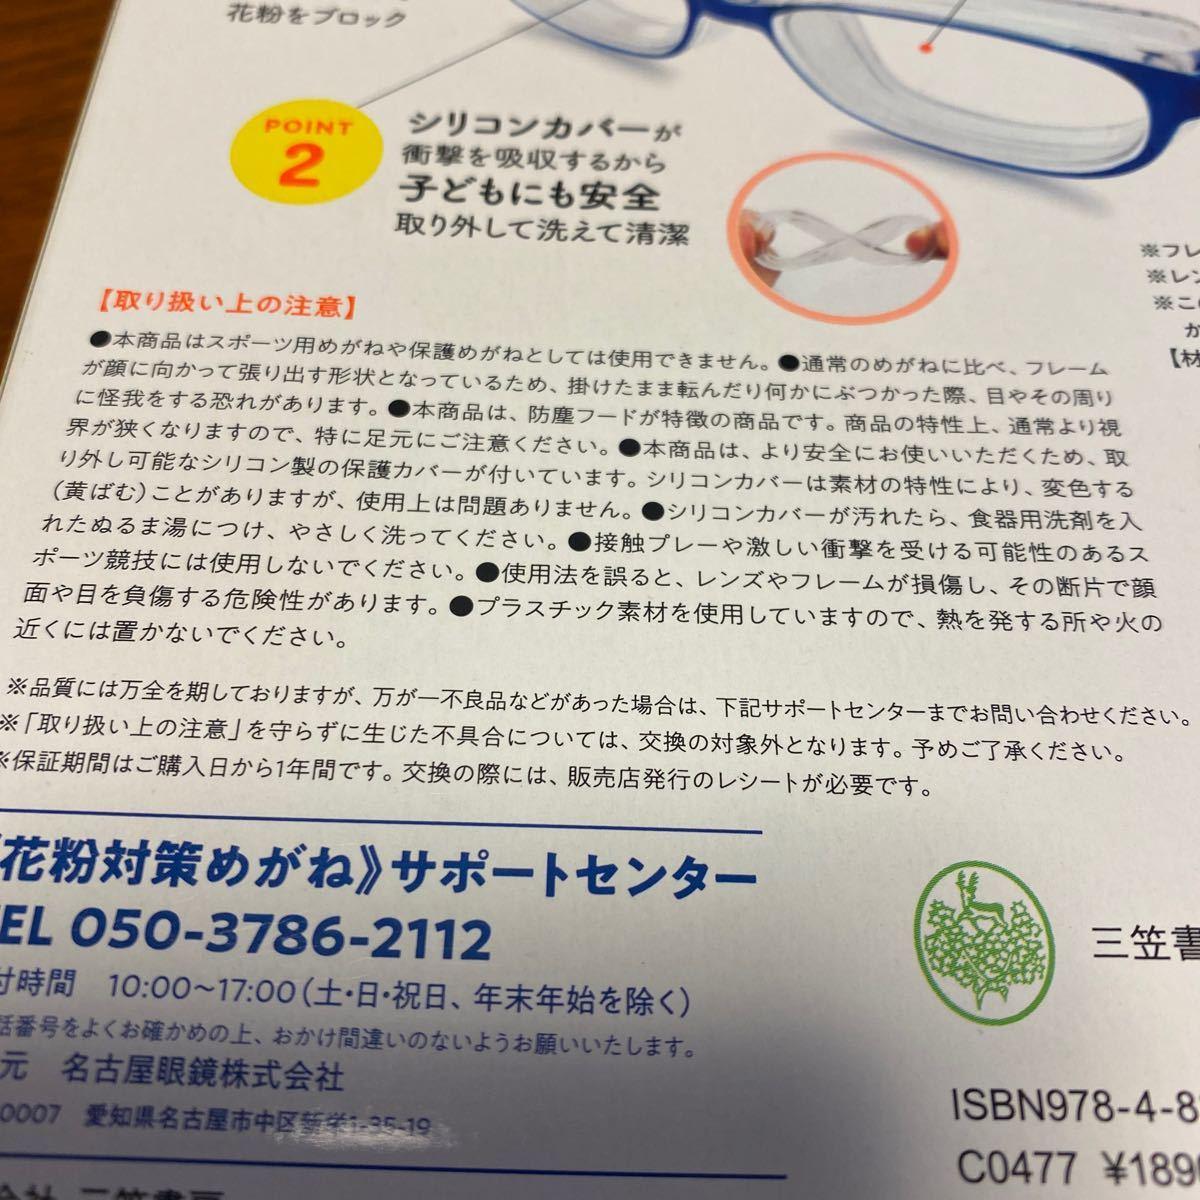 花粉症専門医もすすめる子ども用花粉対策めがねBOOK新品未開封外箱に傷有り_画像4